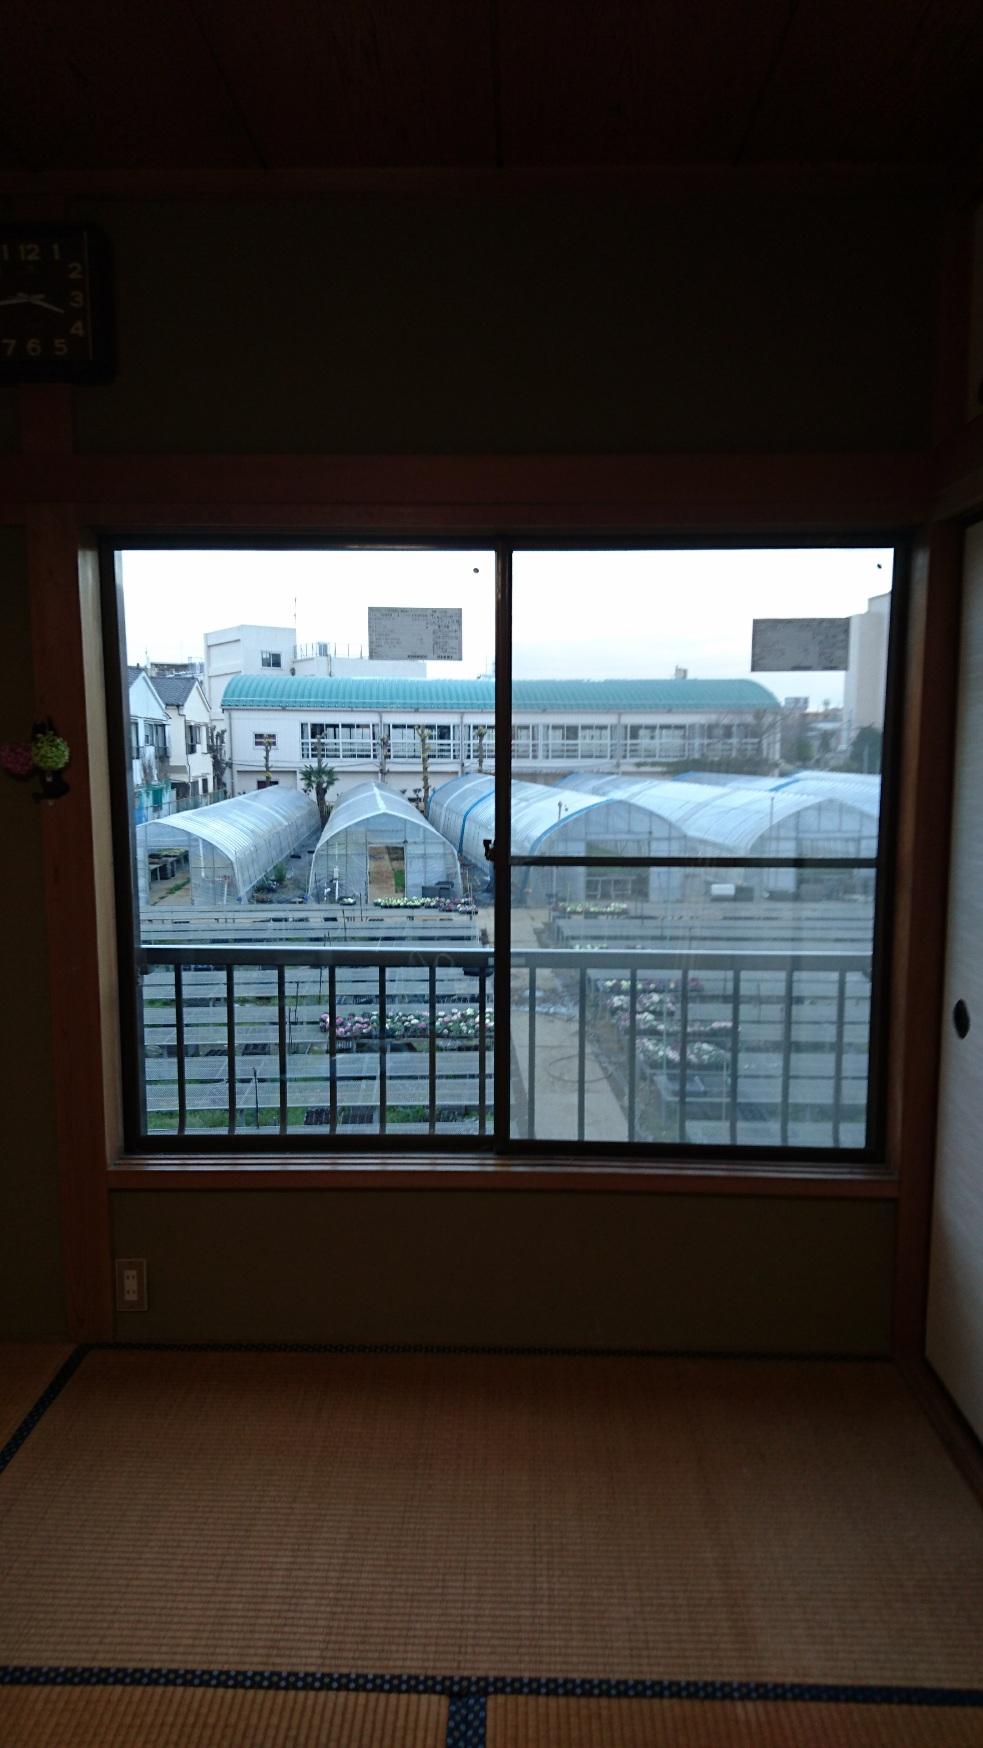 真空ガラス・スペーシアで窓辺の寒さもシャットアウト…